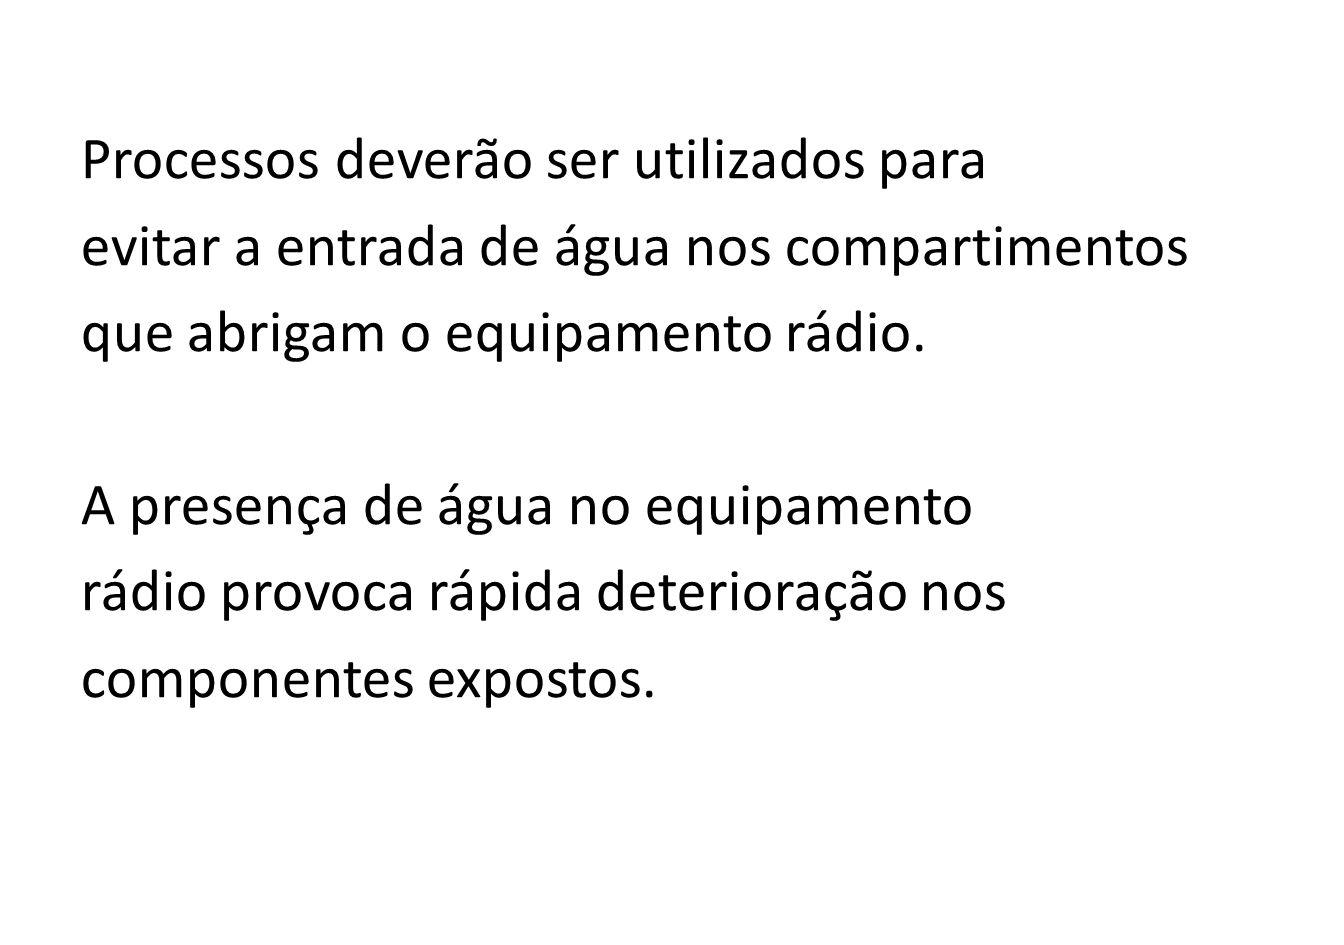 Processos deverão ser utilizados para evitar a entrada de água nos compartimentos que abrigam o equipamento rádio.